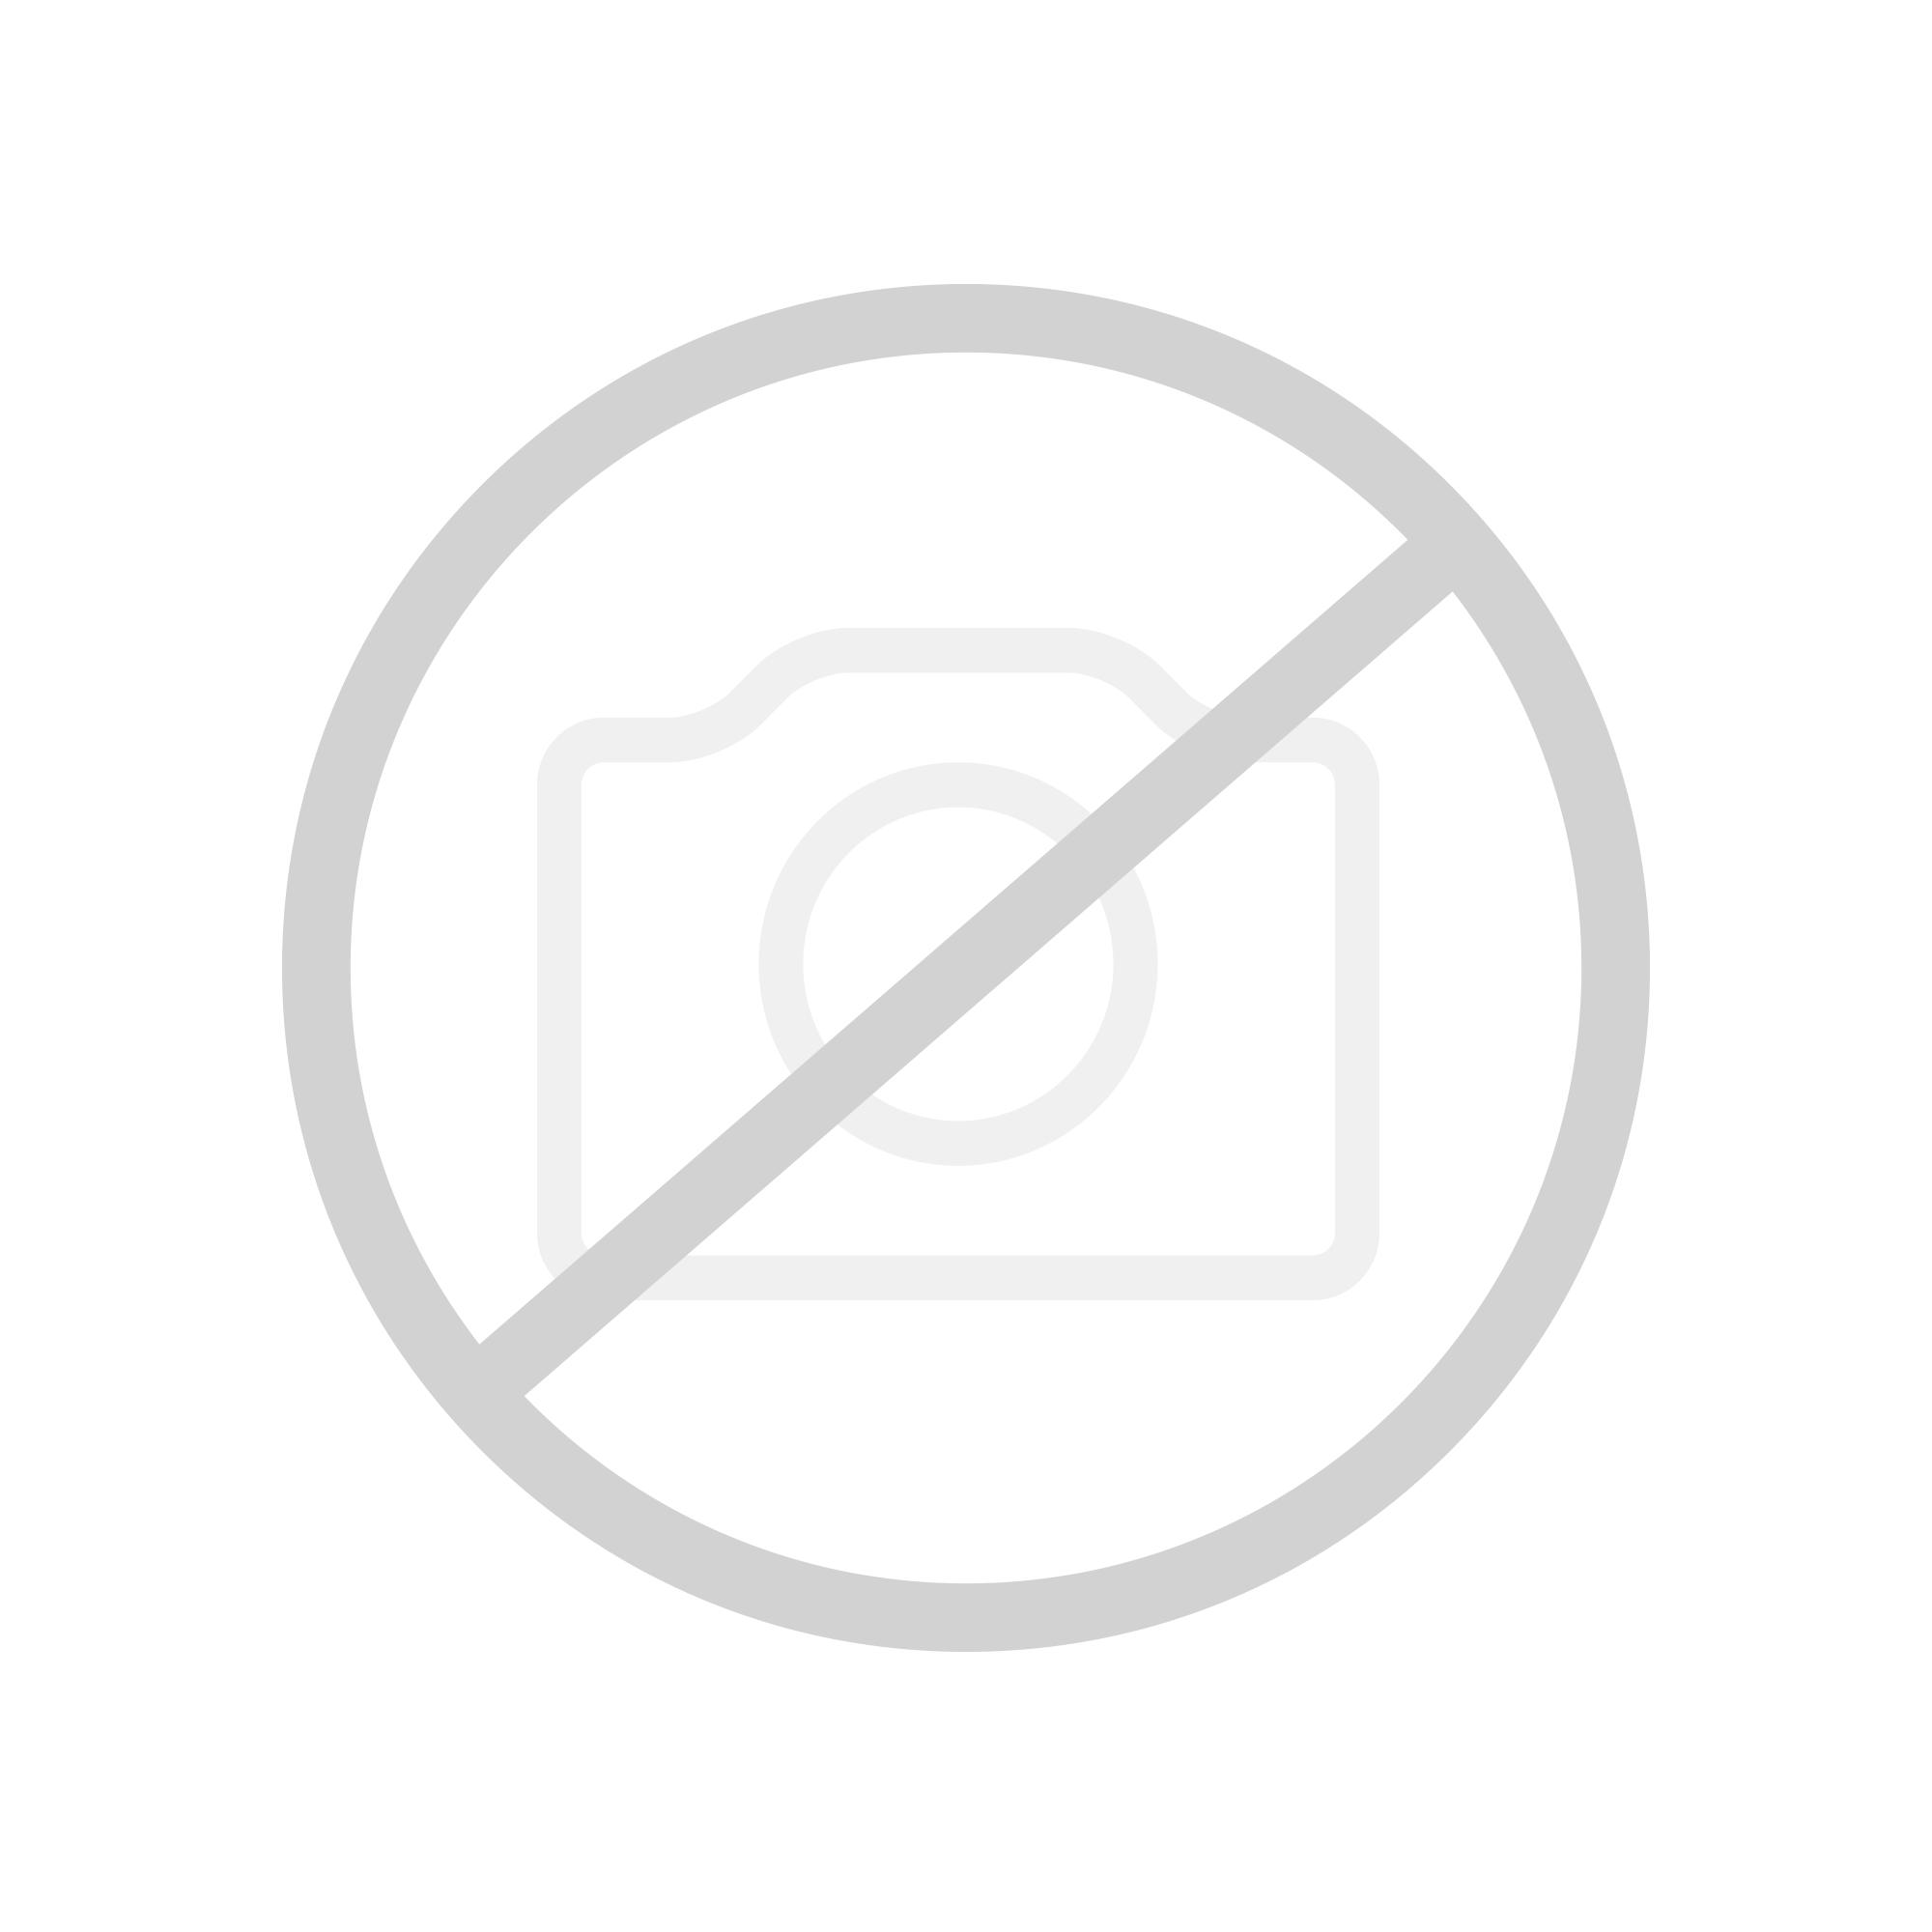 Hervorragend Keramag Renova Nr. 1 Wand-Tiefspül-WC ohne Spülrand weiß  QG17